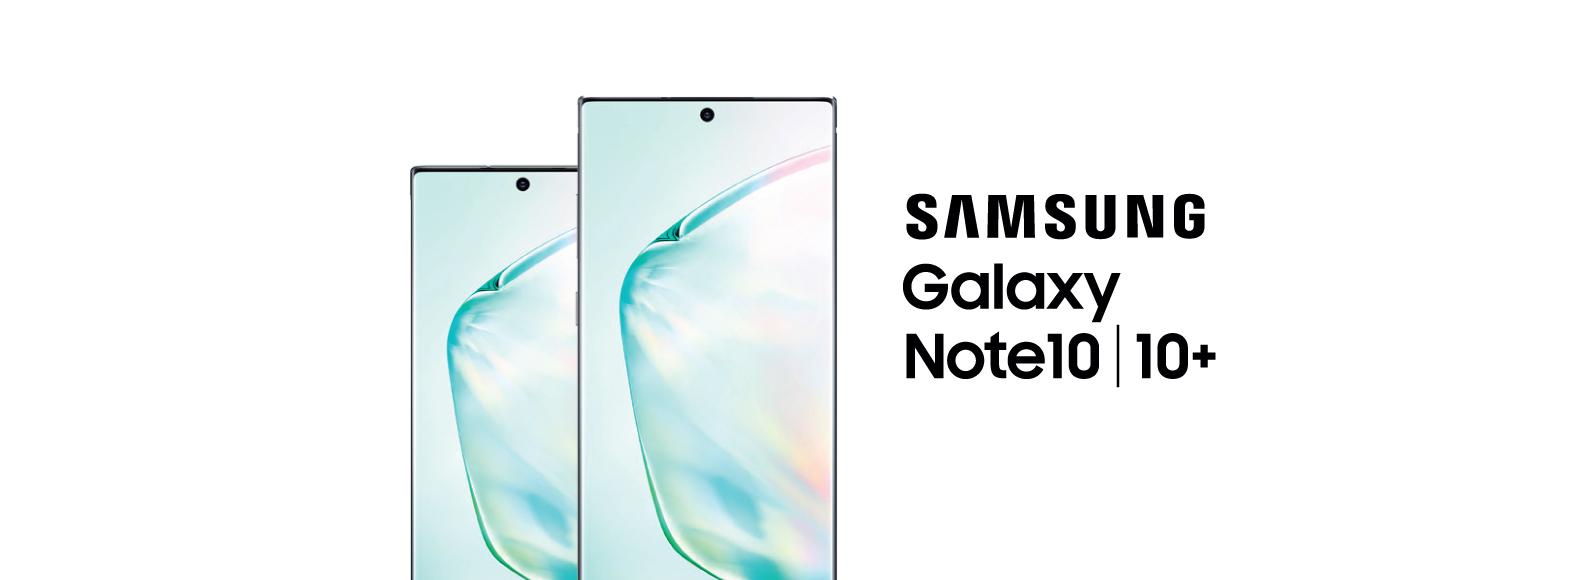 DST-Samsung-Note10-Main-banner.jpg